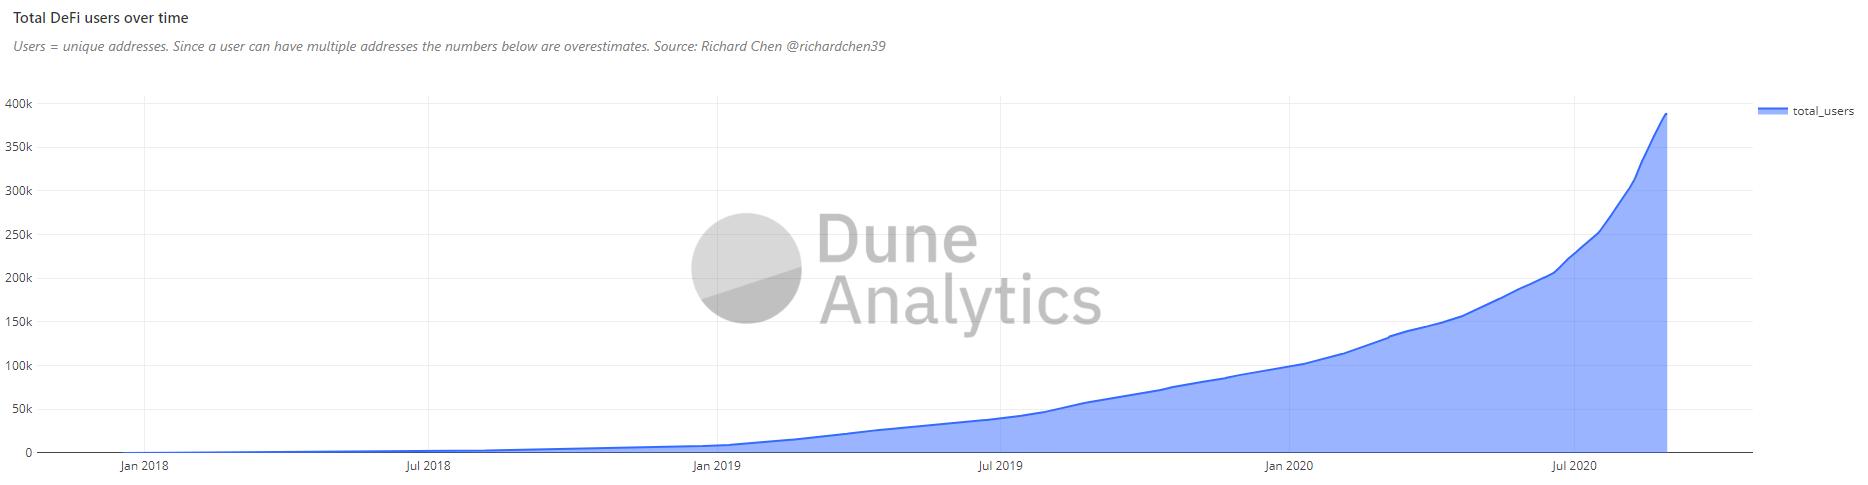 DeFi泡沫要破裂?数据:用户量40万,远未达到爆发阶段